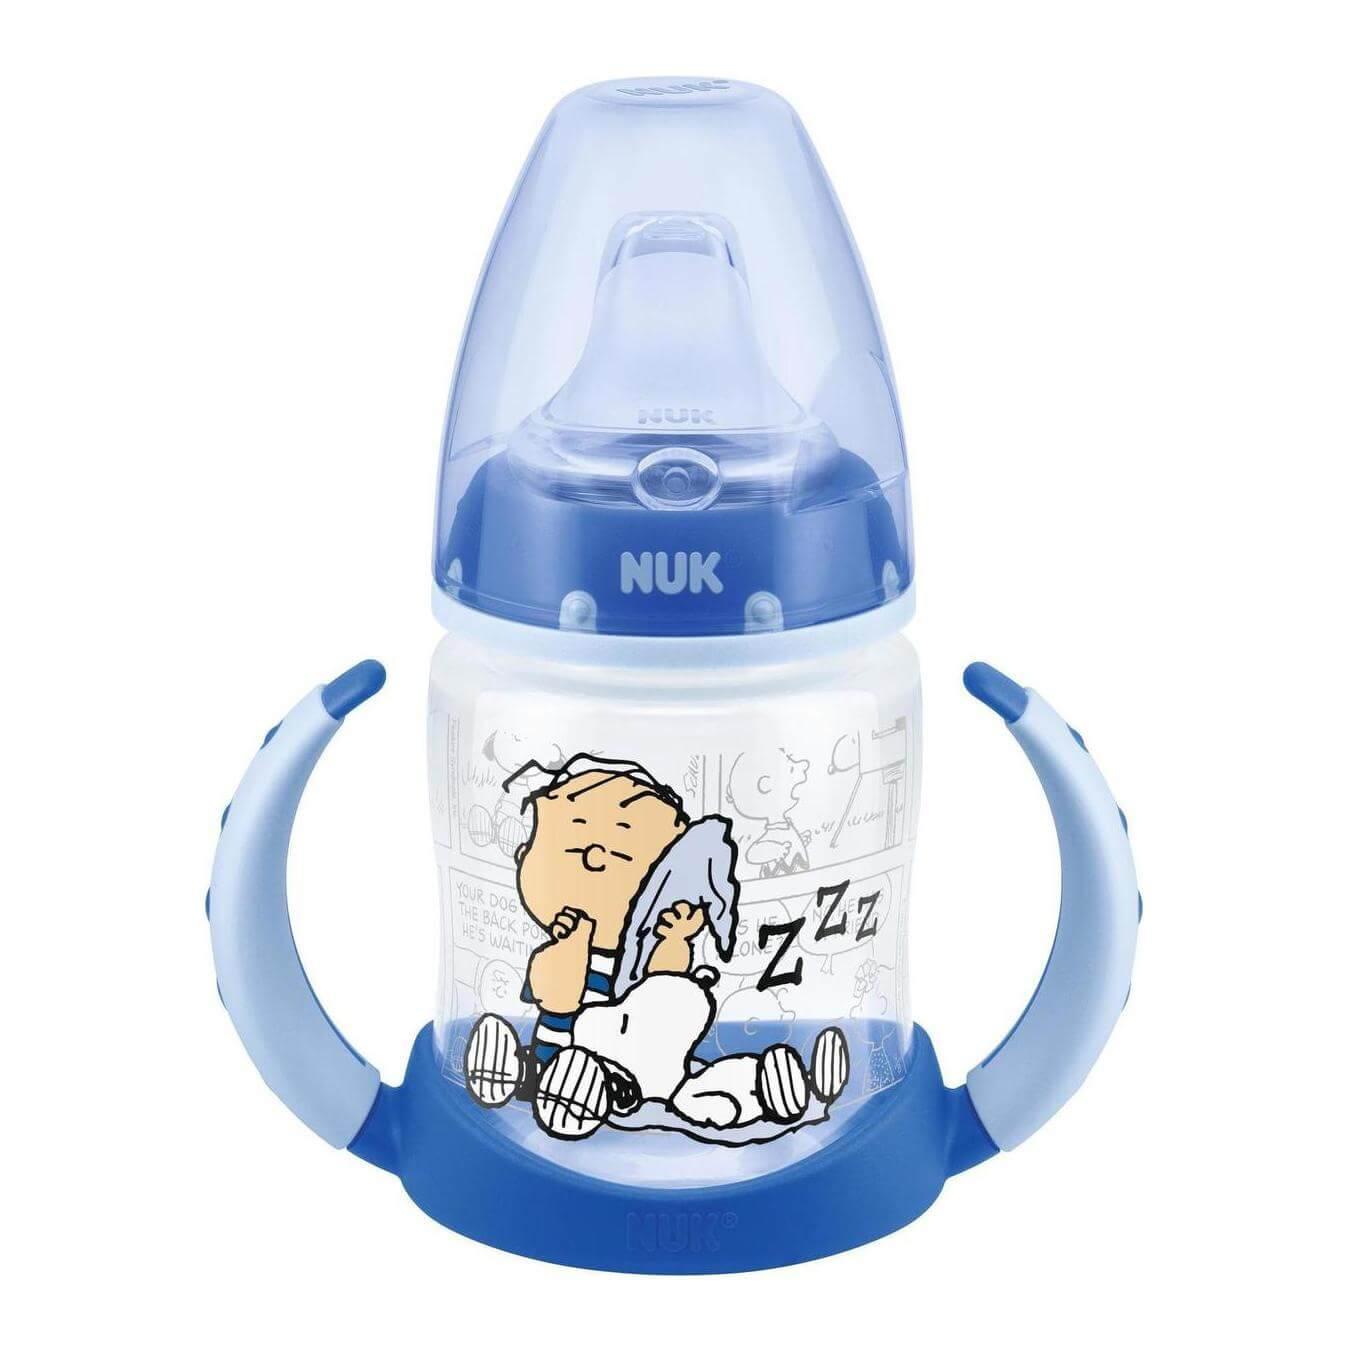 Nuk First Choice Snoopy Peanuts Μπιμπερό ΕκπαίδευσηςΠολυπροπυλενίουμε Λαβές&Ρύγχος Σιλικόνης 6-18m BPA Free 150ml – άσπρο